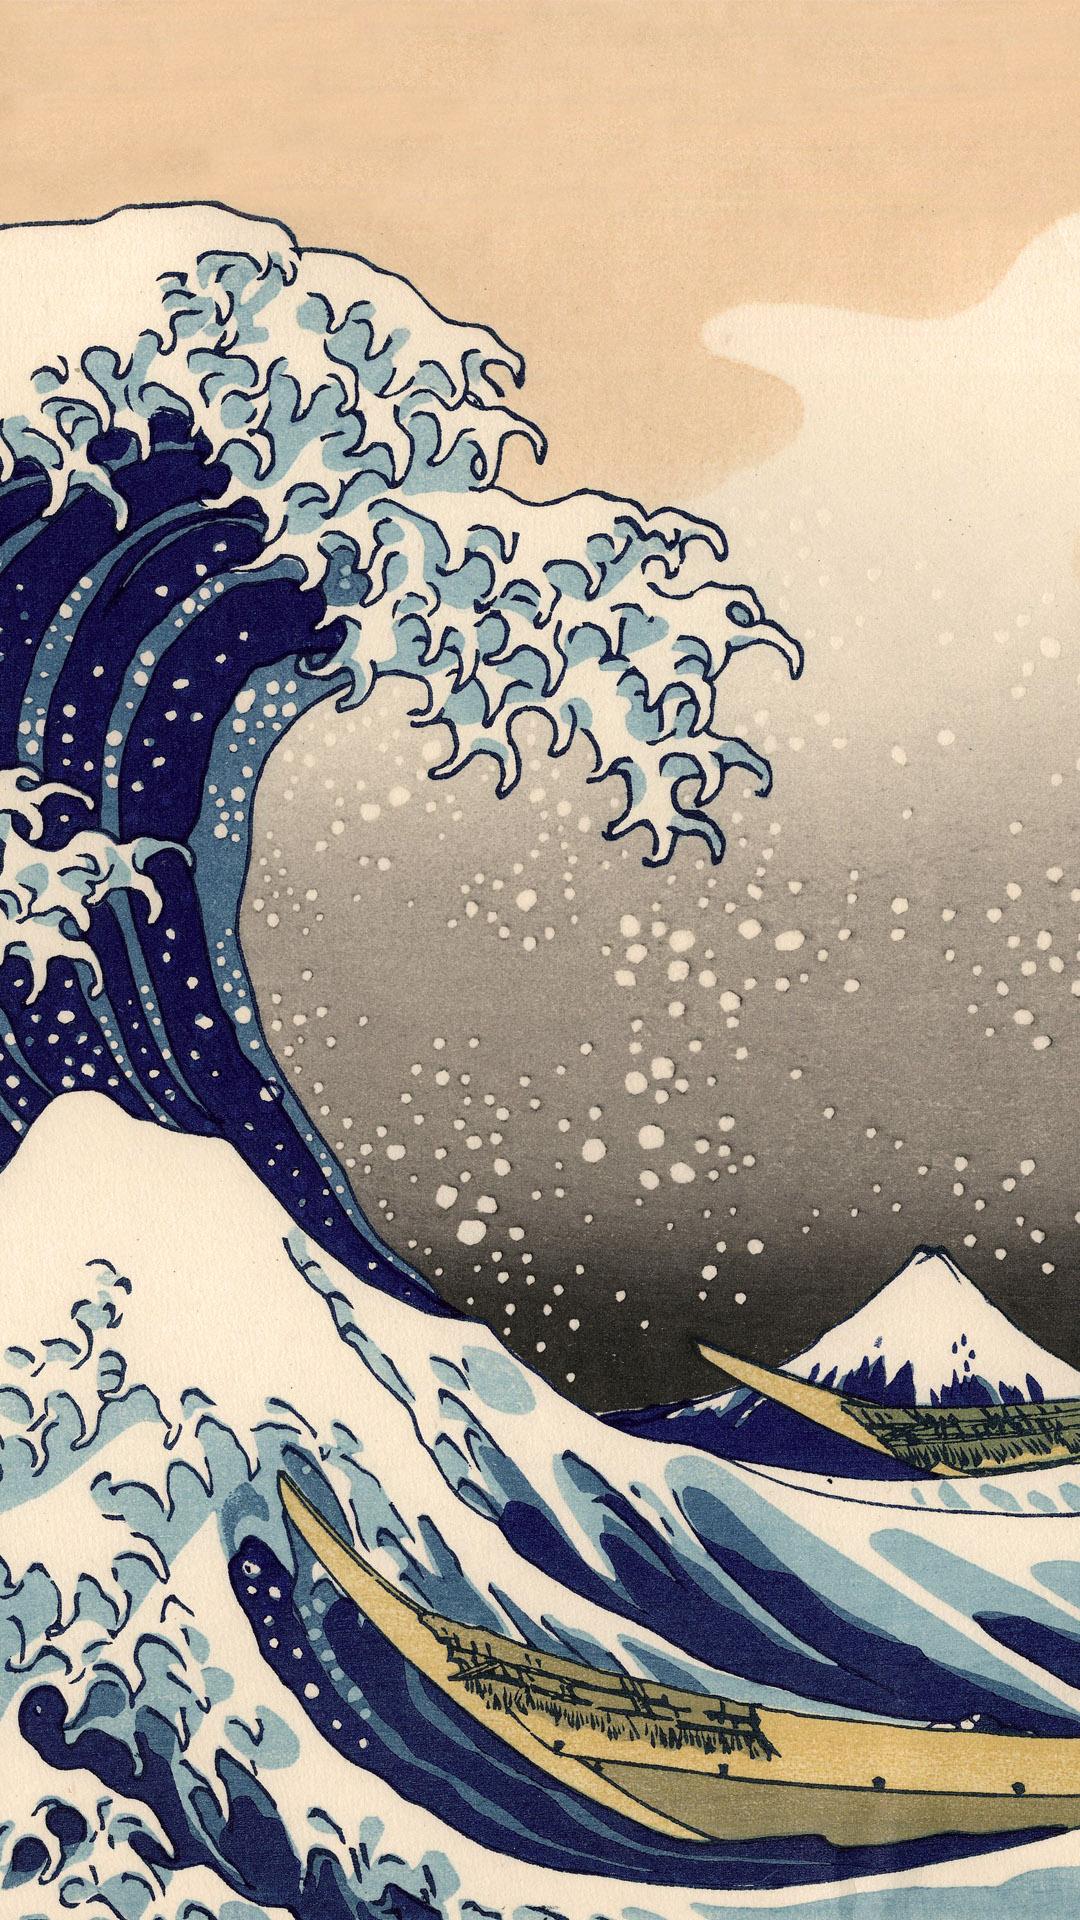 富嶽三十六景 神奈川沖浪裏 Katsushika Hokusai – 36 Kanagawa oki namiura 1080x1920